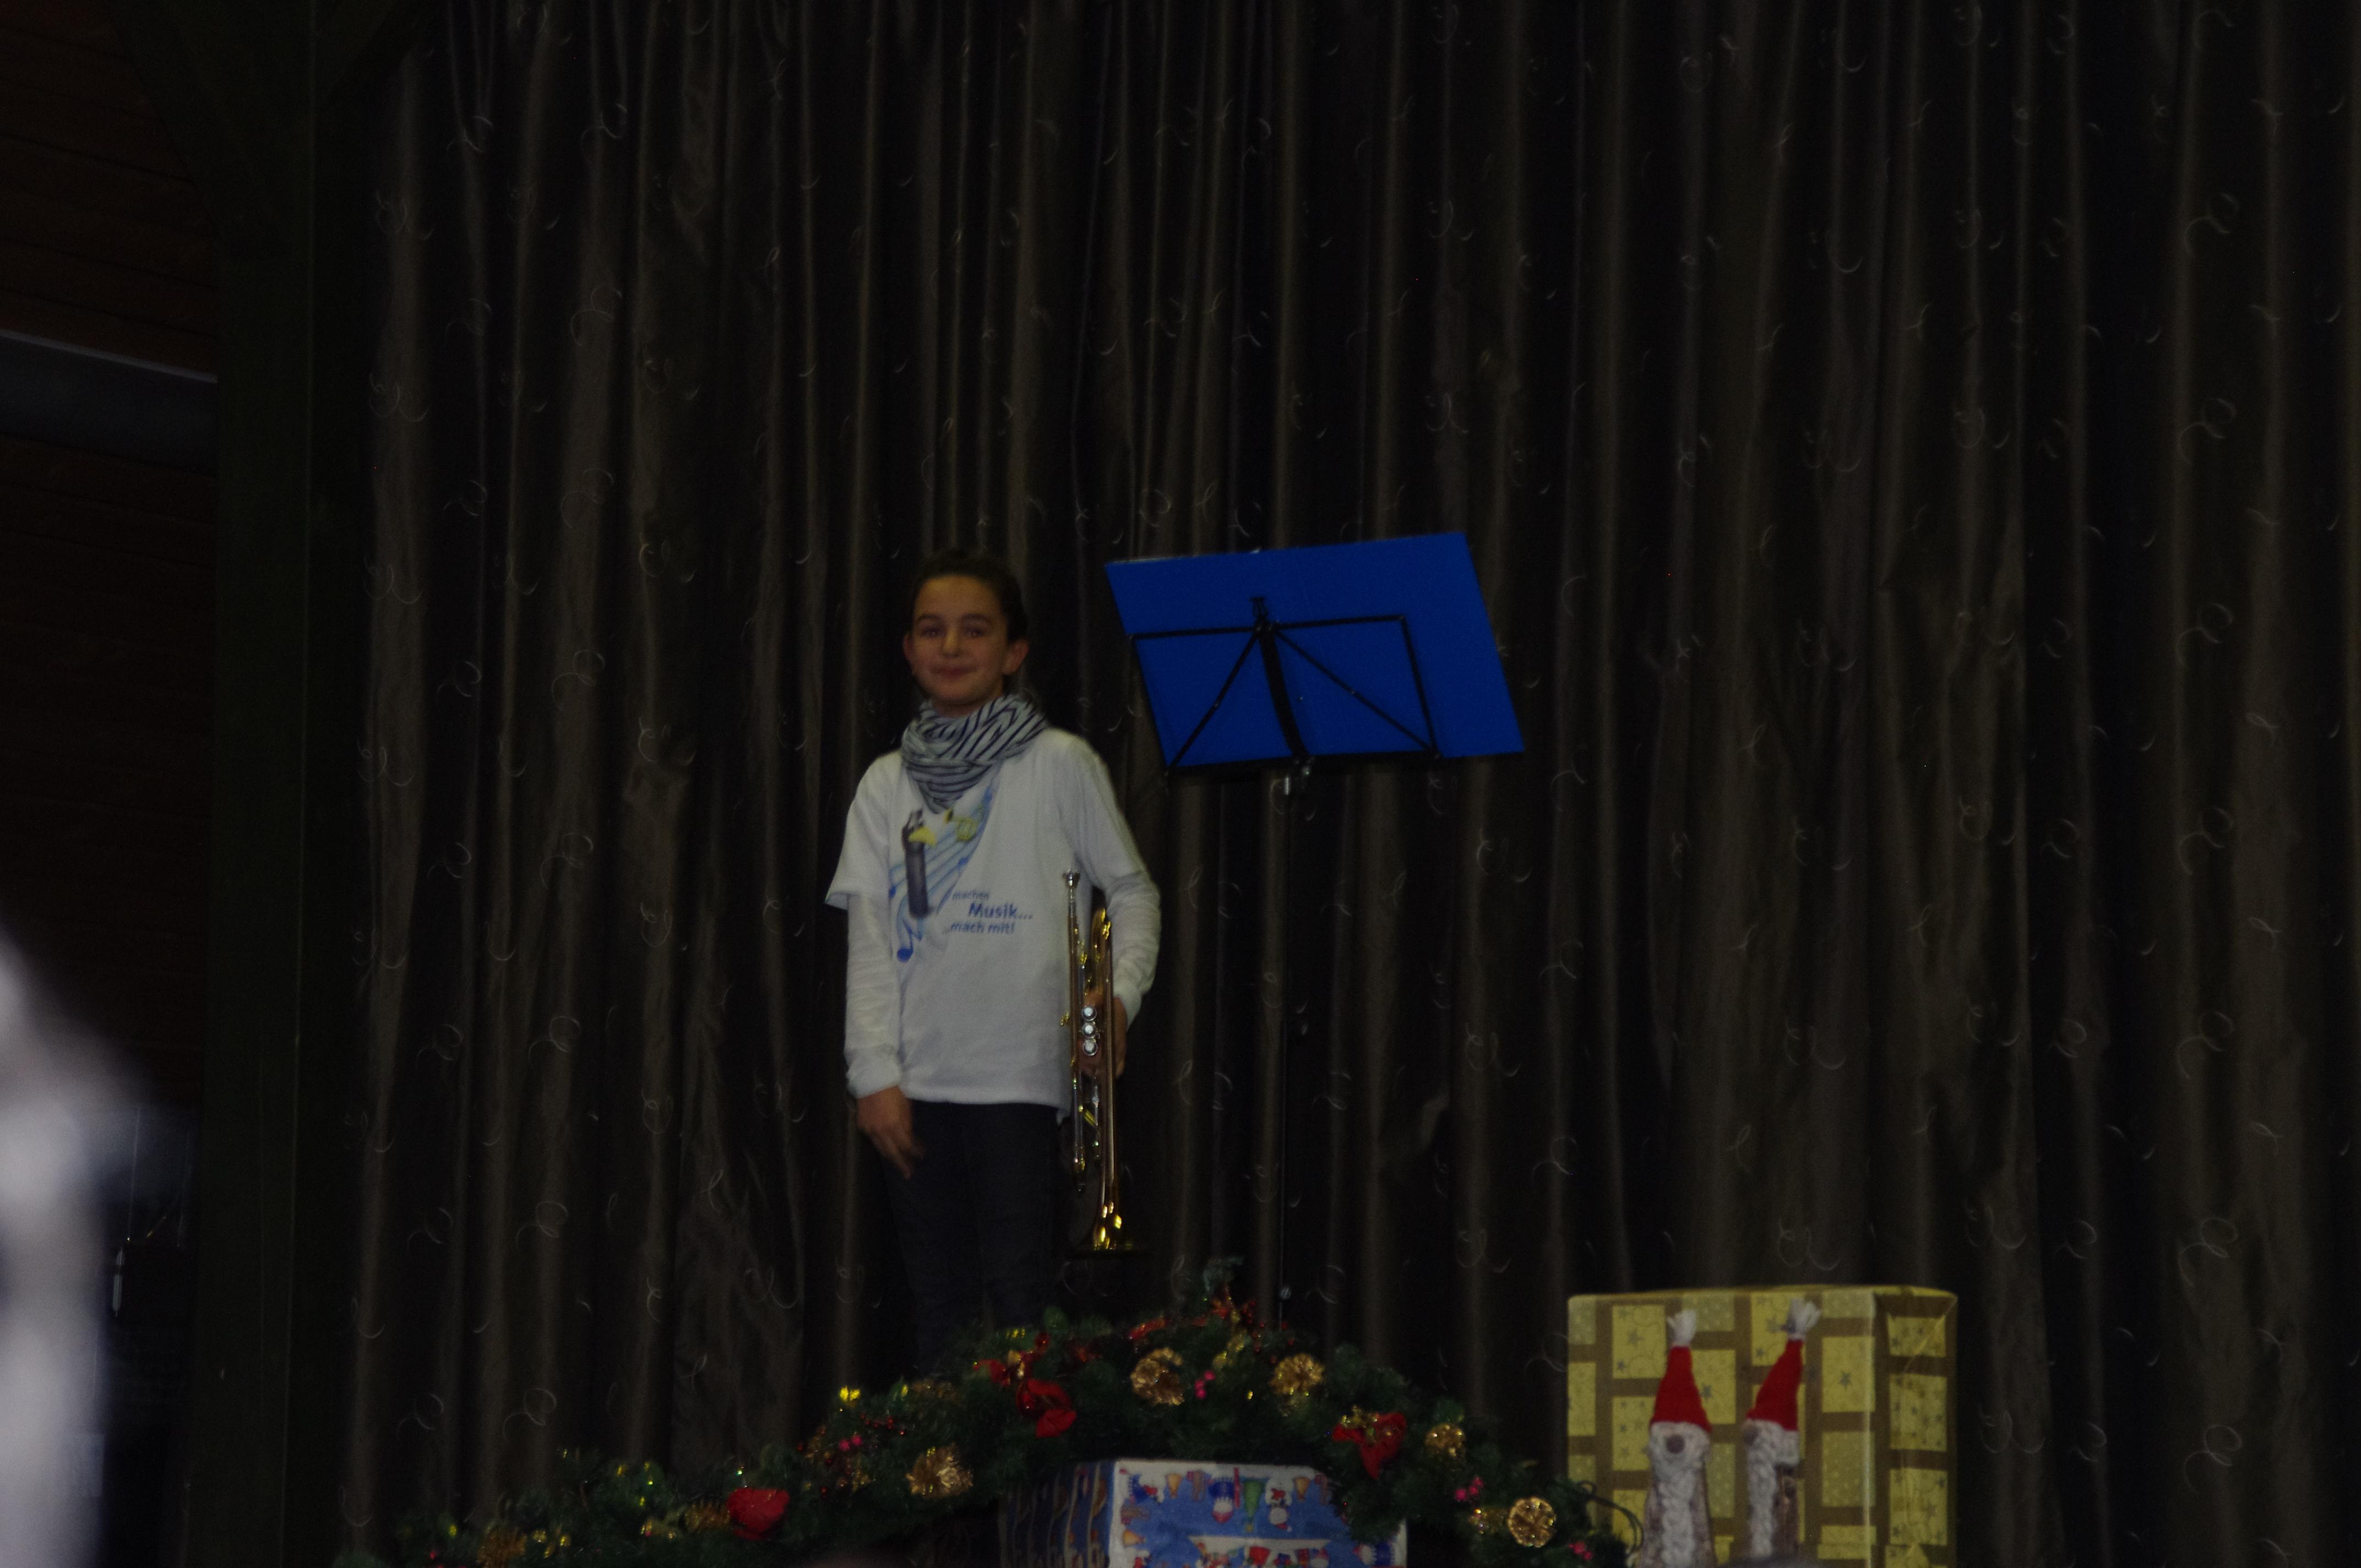 Adventsfeier mit viel Musik